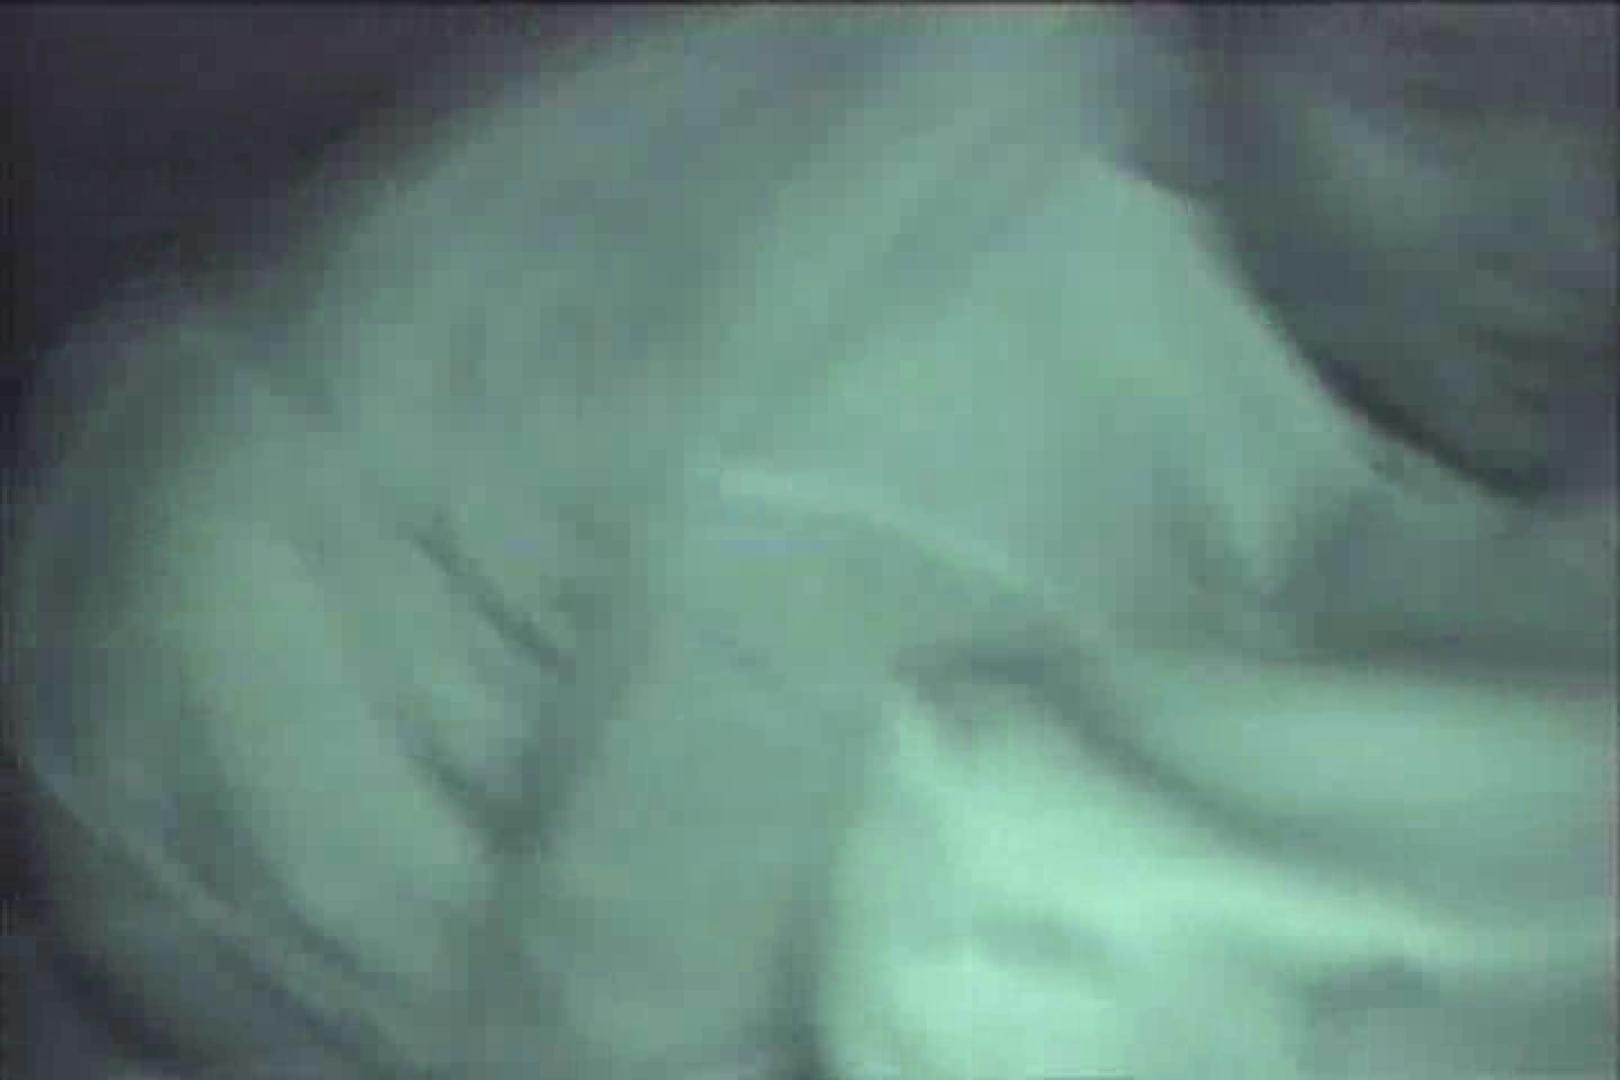 車の中はラブホテル 無修正版  Vol.16 独占盗撮 のぞき動画画像 52連発 3